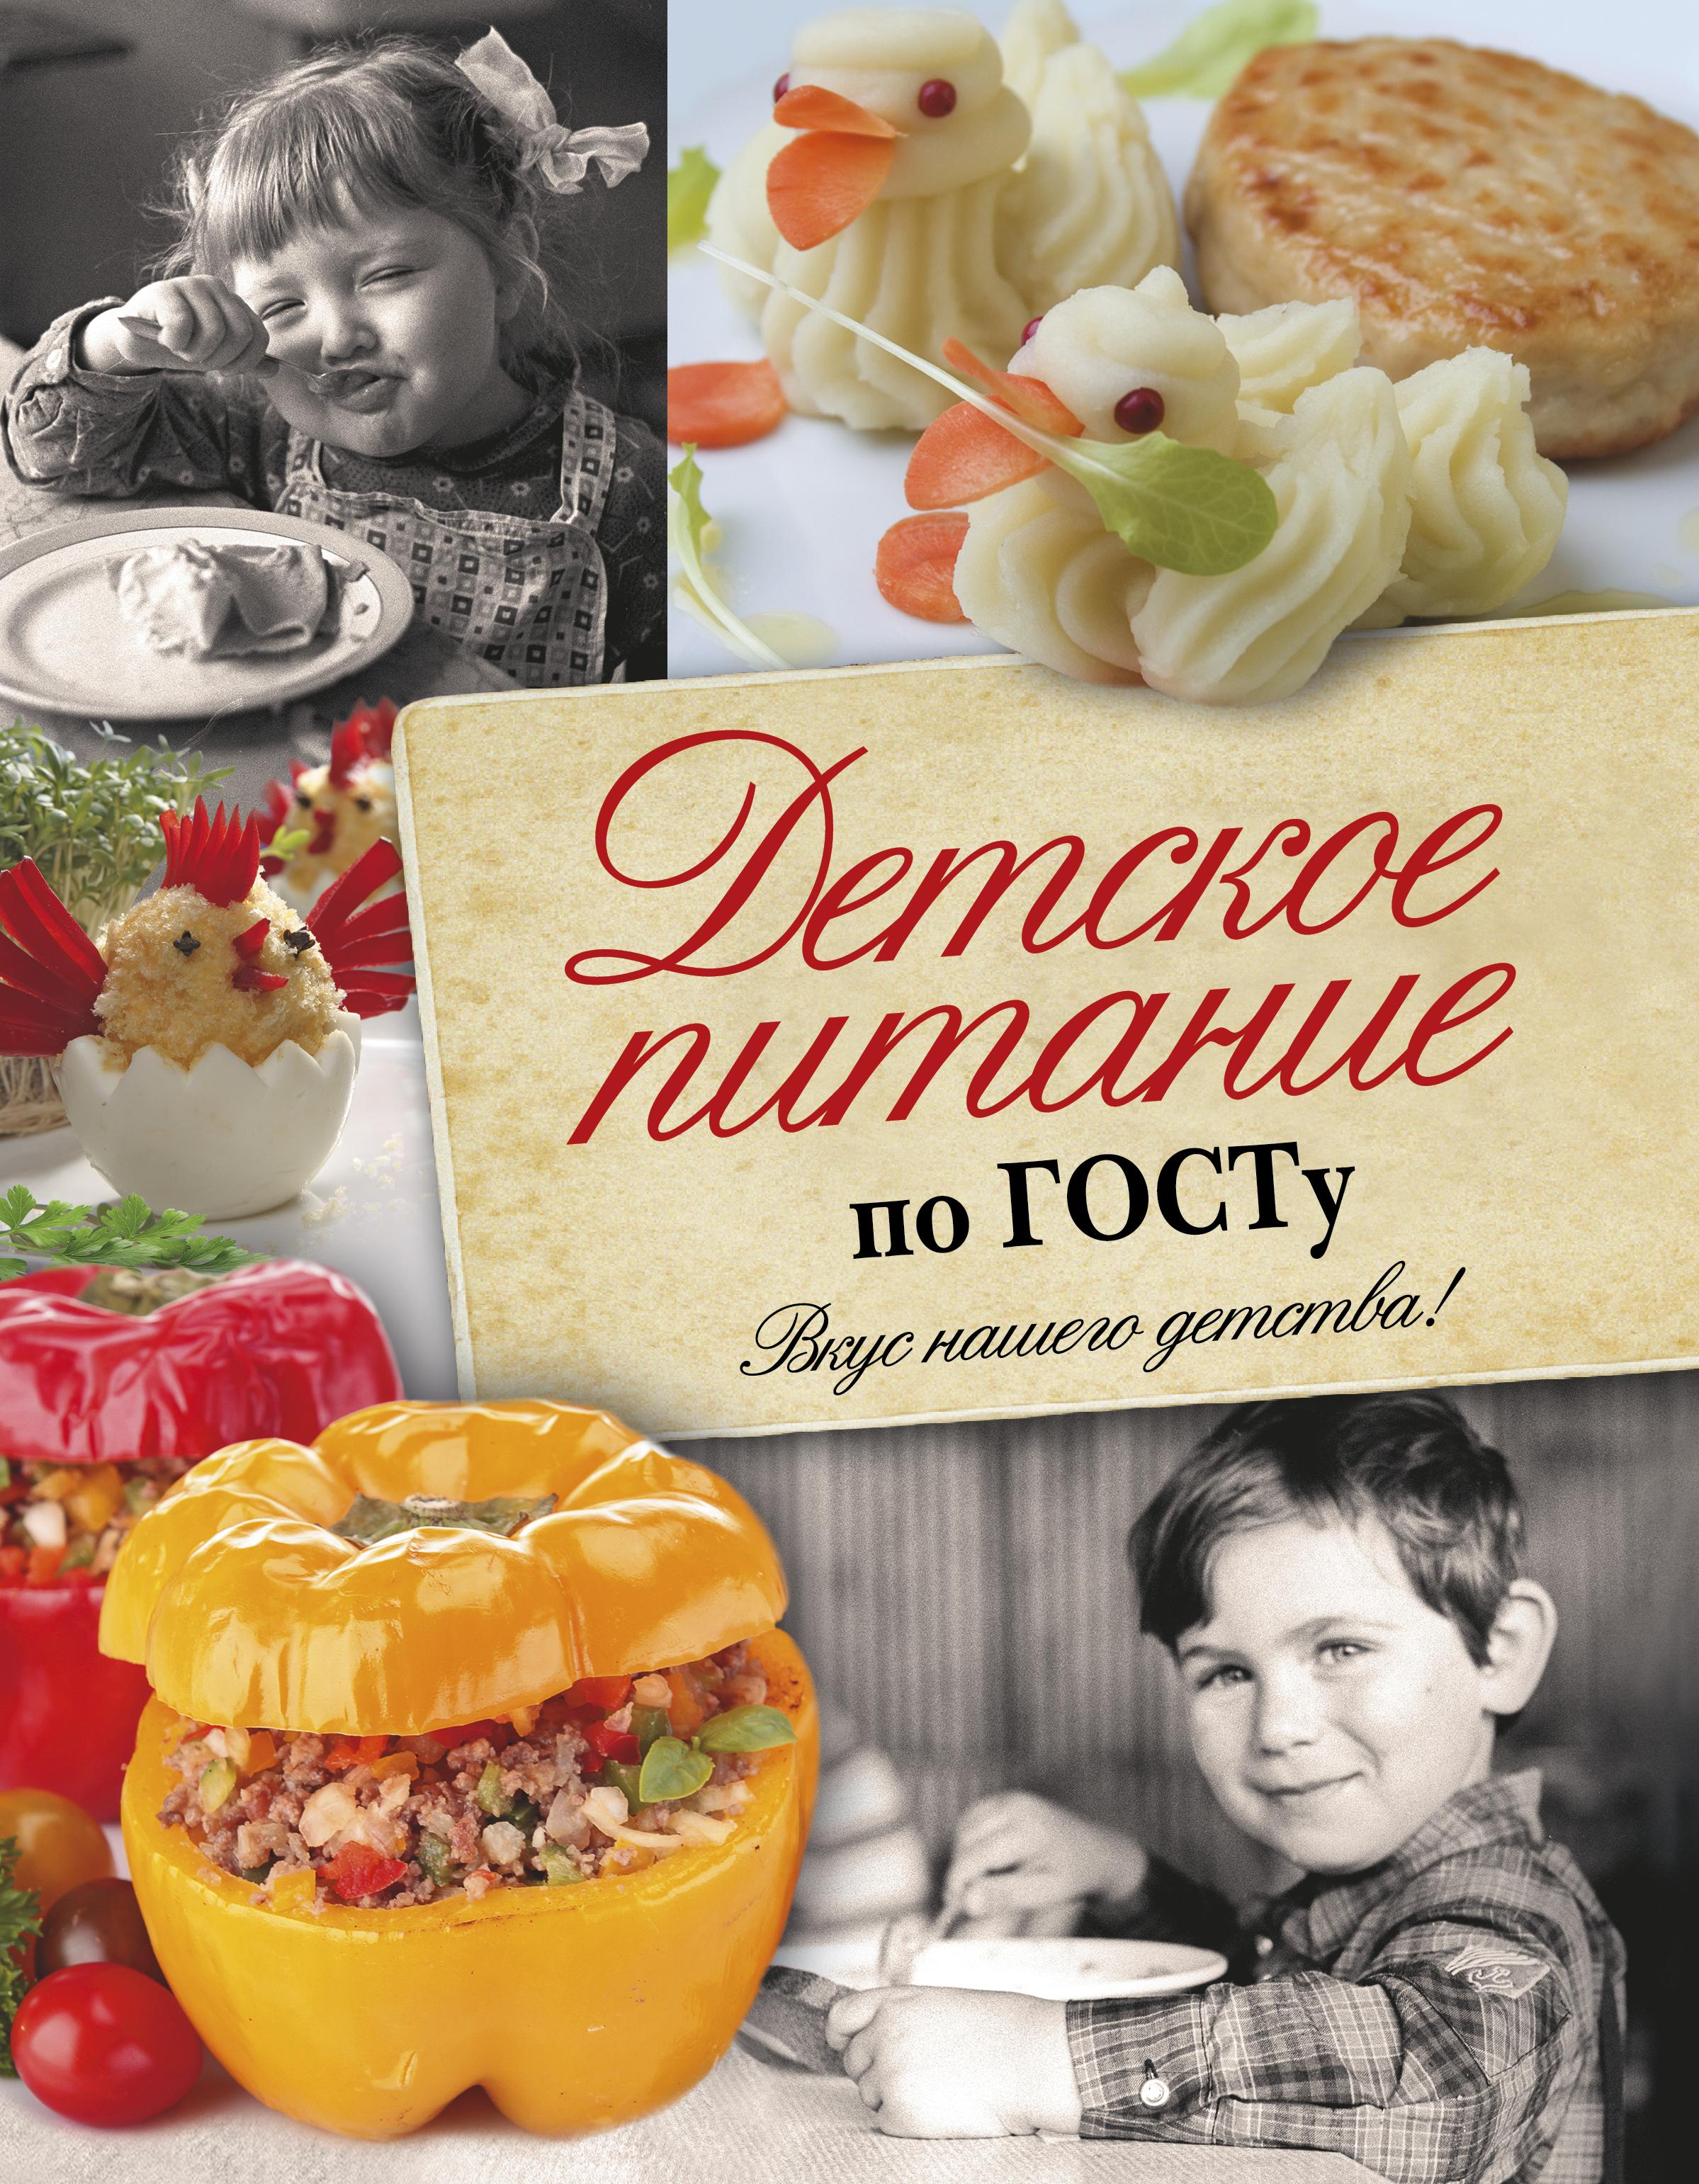 Аникеева Т.В. Детское питание по ГОСТу книги издательство аст детское питание по госту